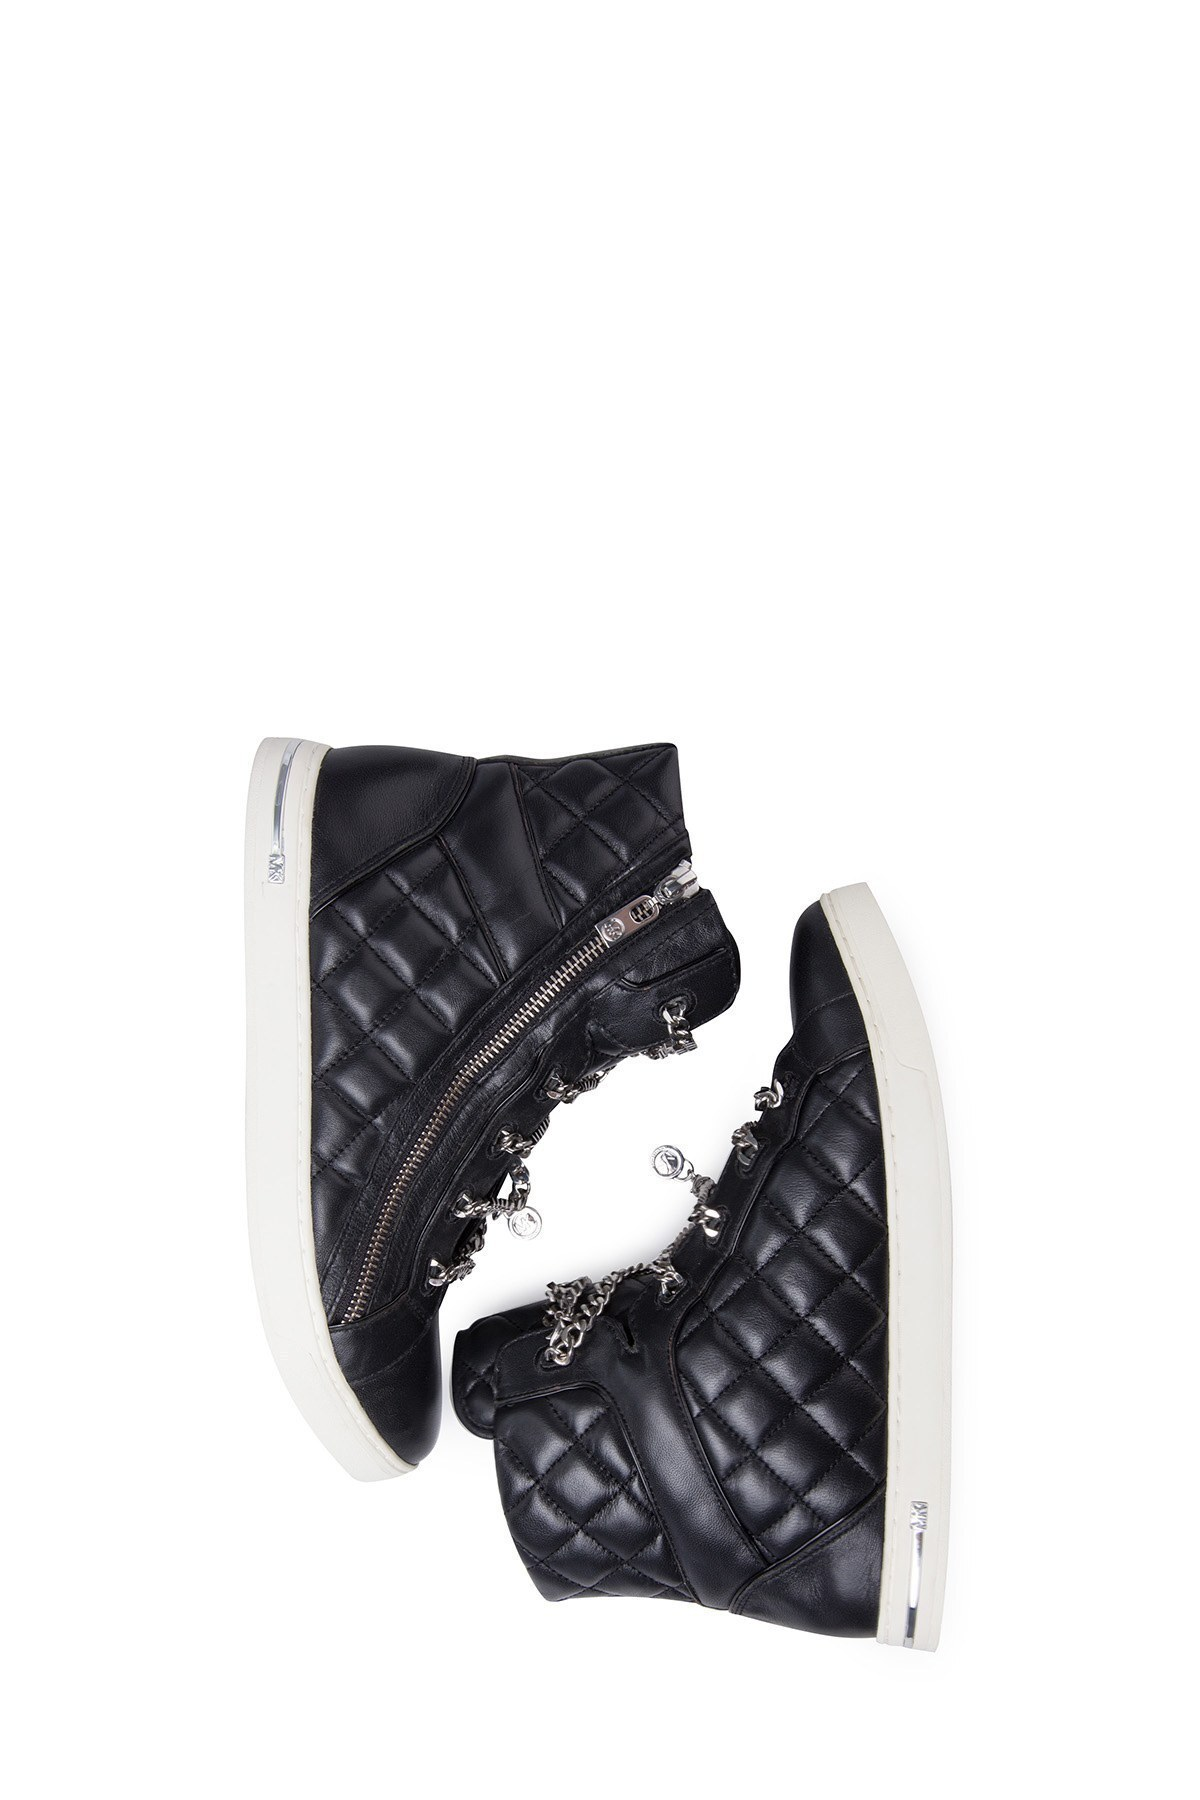 MICHAEL KORS Kadın Ayakkabı 43F5UCFE5L BLACK